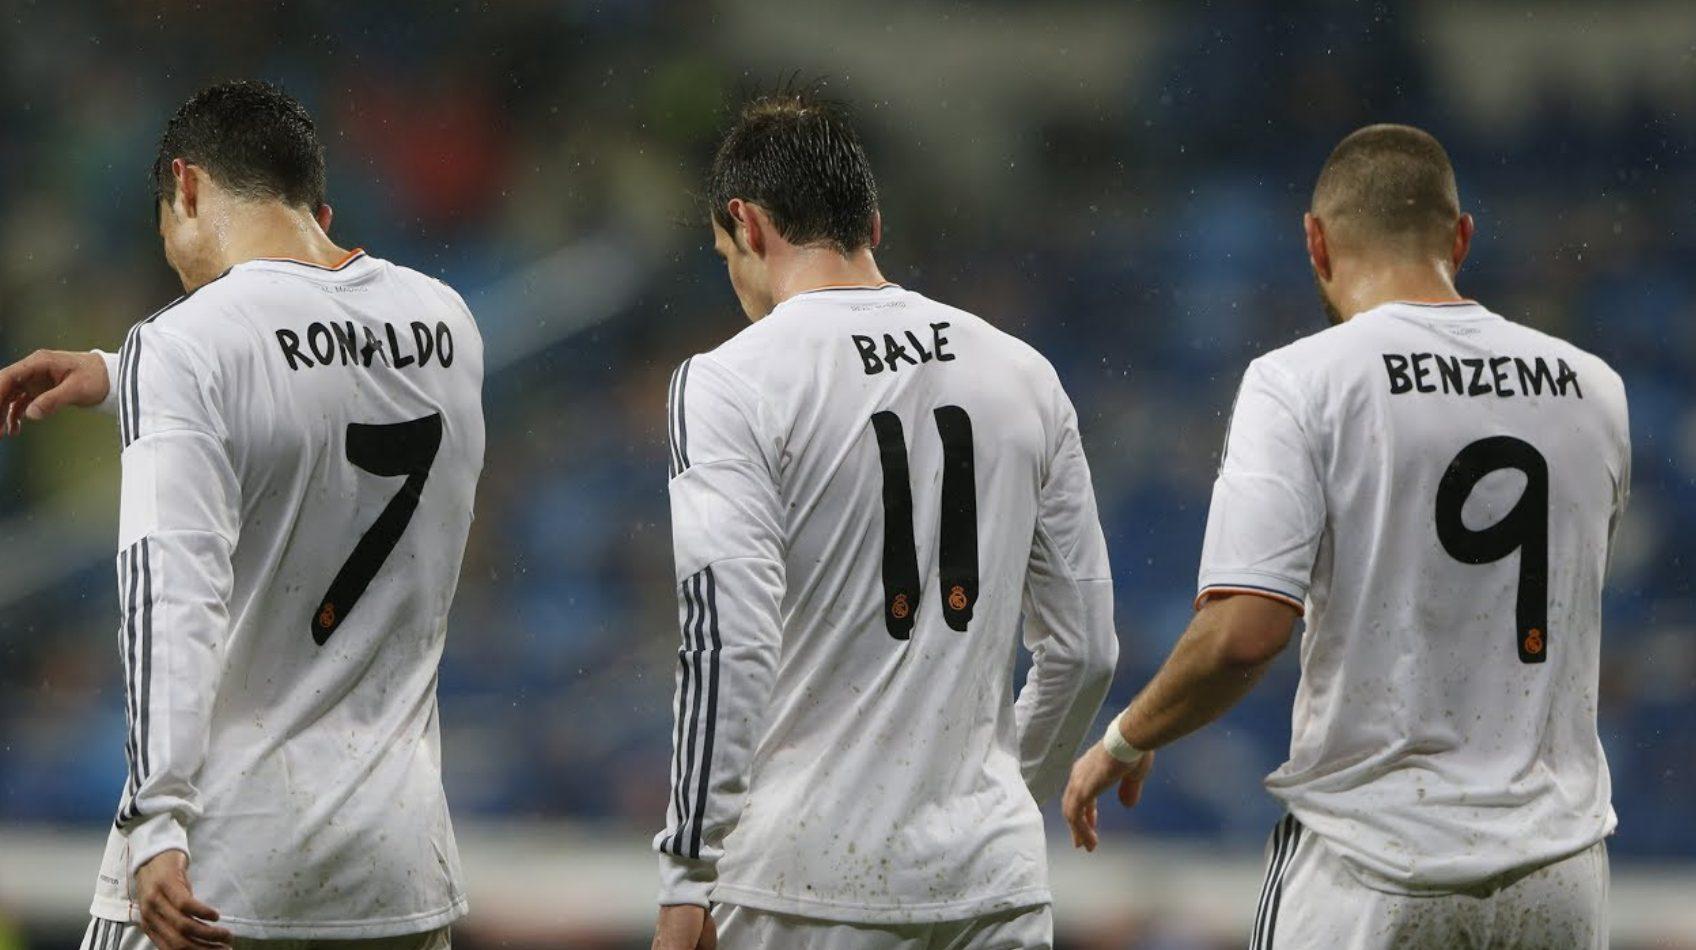 Hanno vinto 3 Champions League Ronaldo, Benzema e Bale giocando uno al fianco dell'altro.